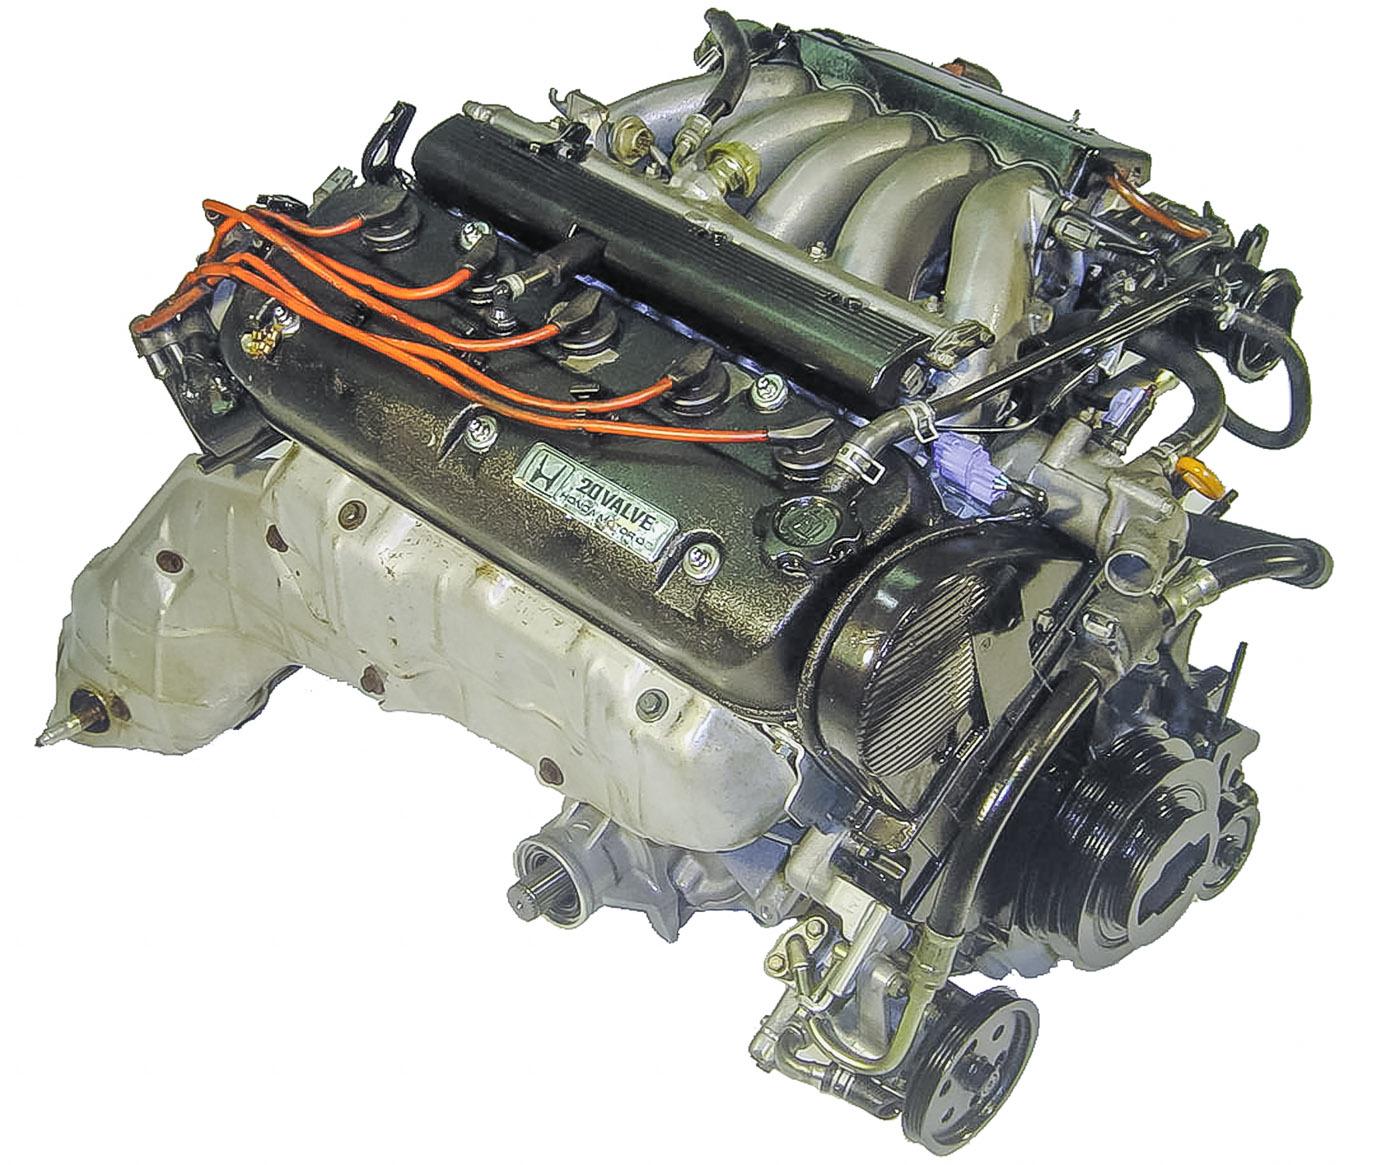 1992-1995 Acura Vigor 2.5L Used Engine